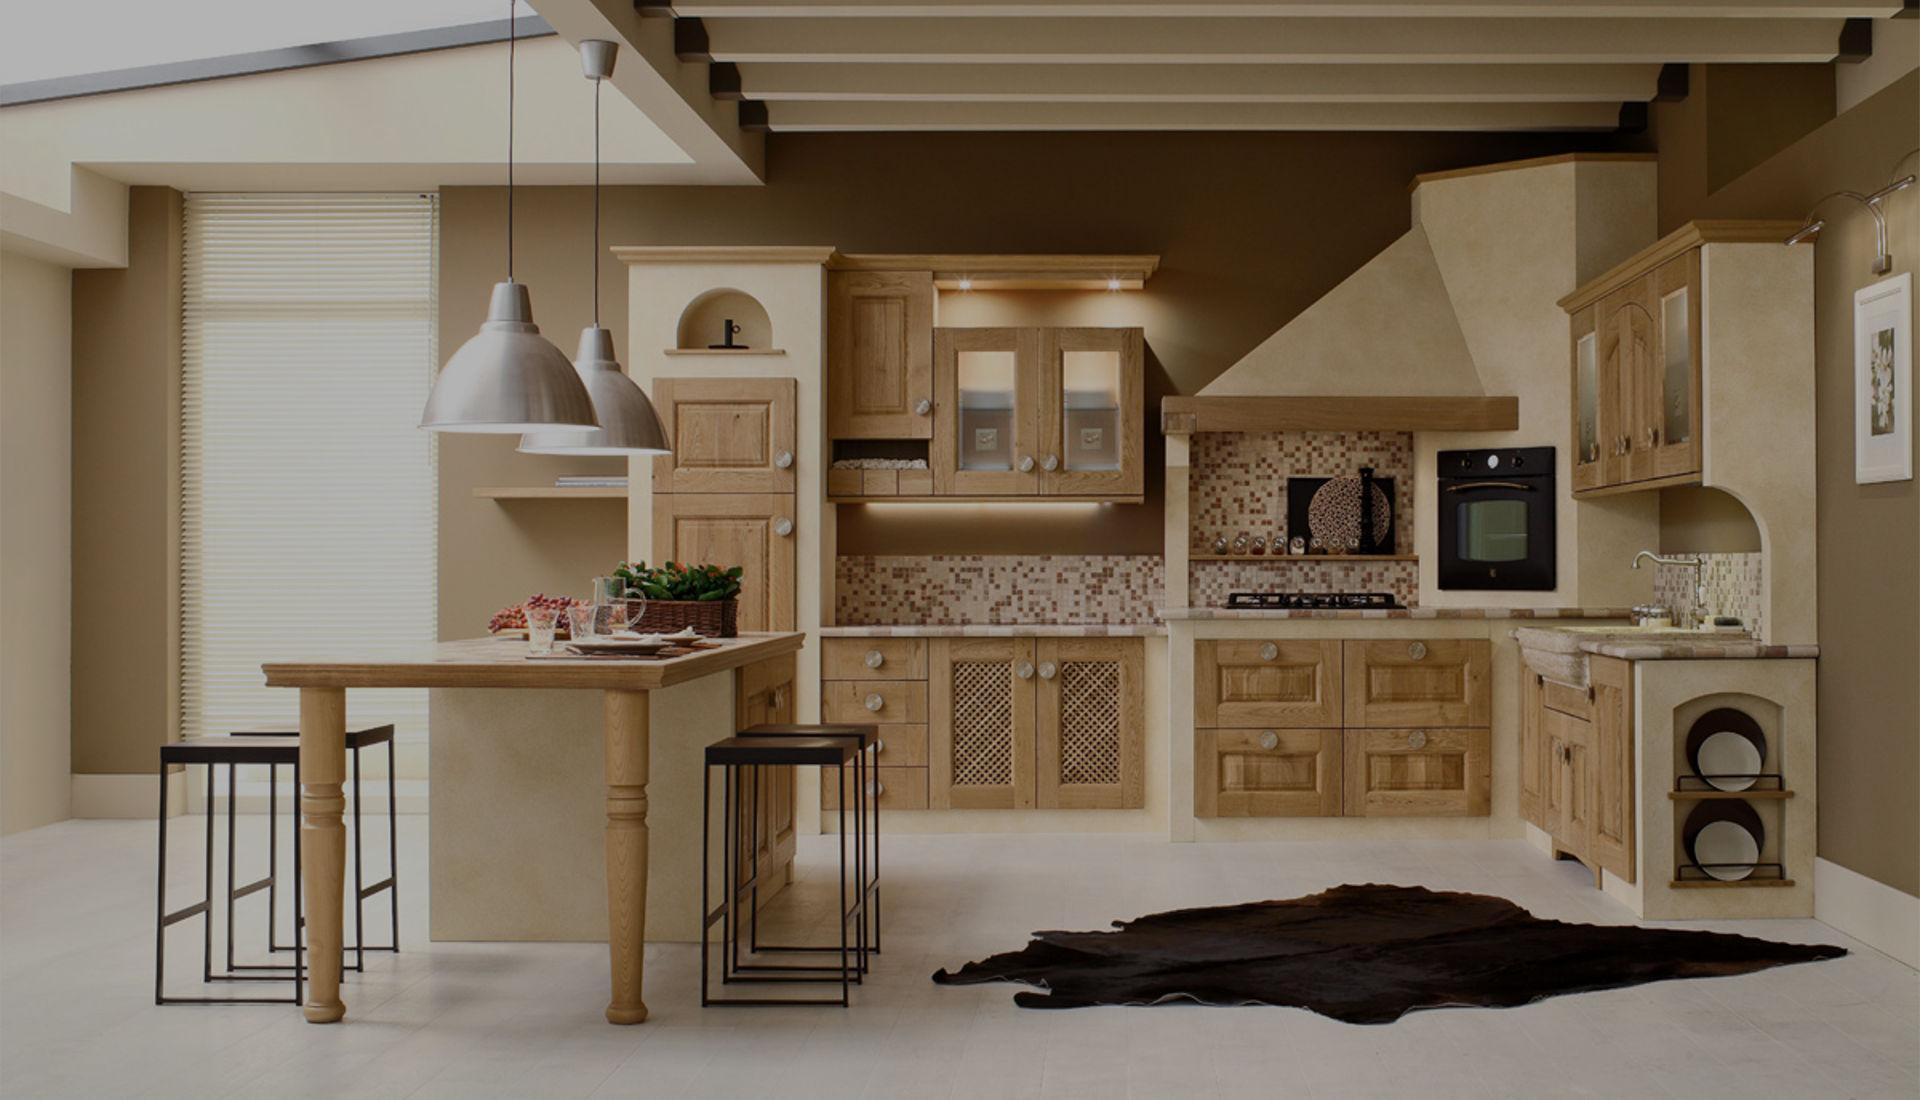 Cucine Classiche - Arredamenti Ferrarese